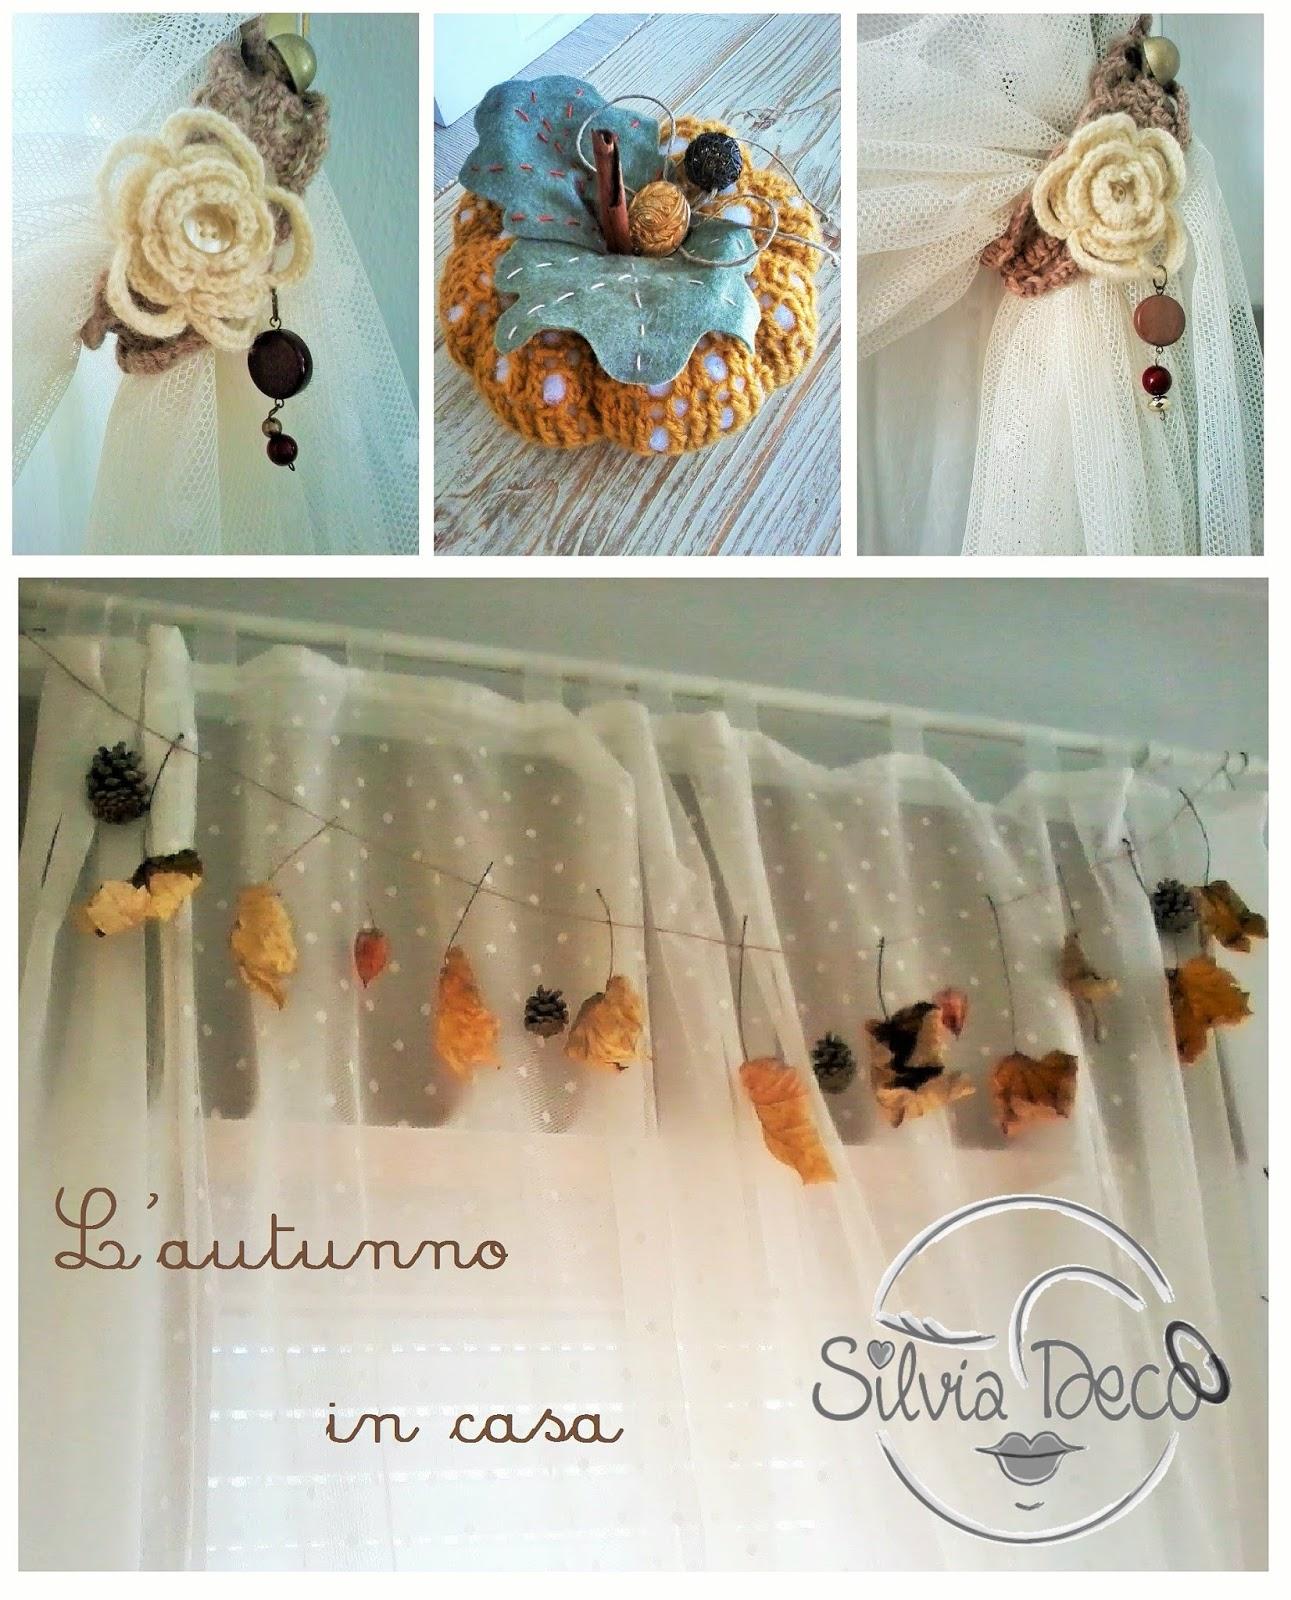 Silvia family dec decorazioni d 39 autunno e colori - Decorazioni d autunno ...